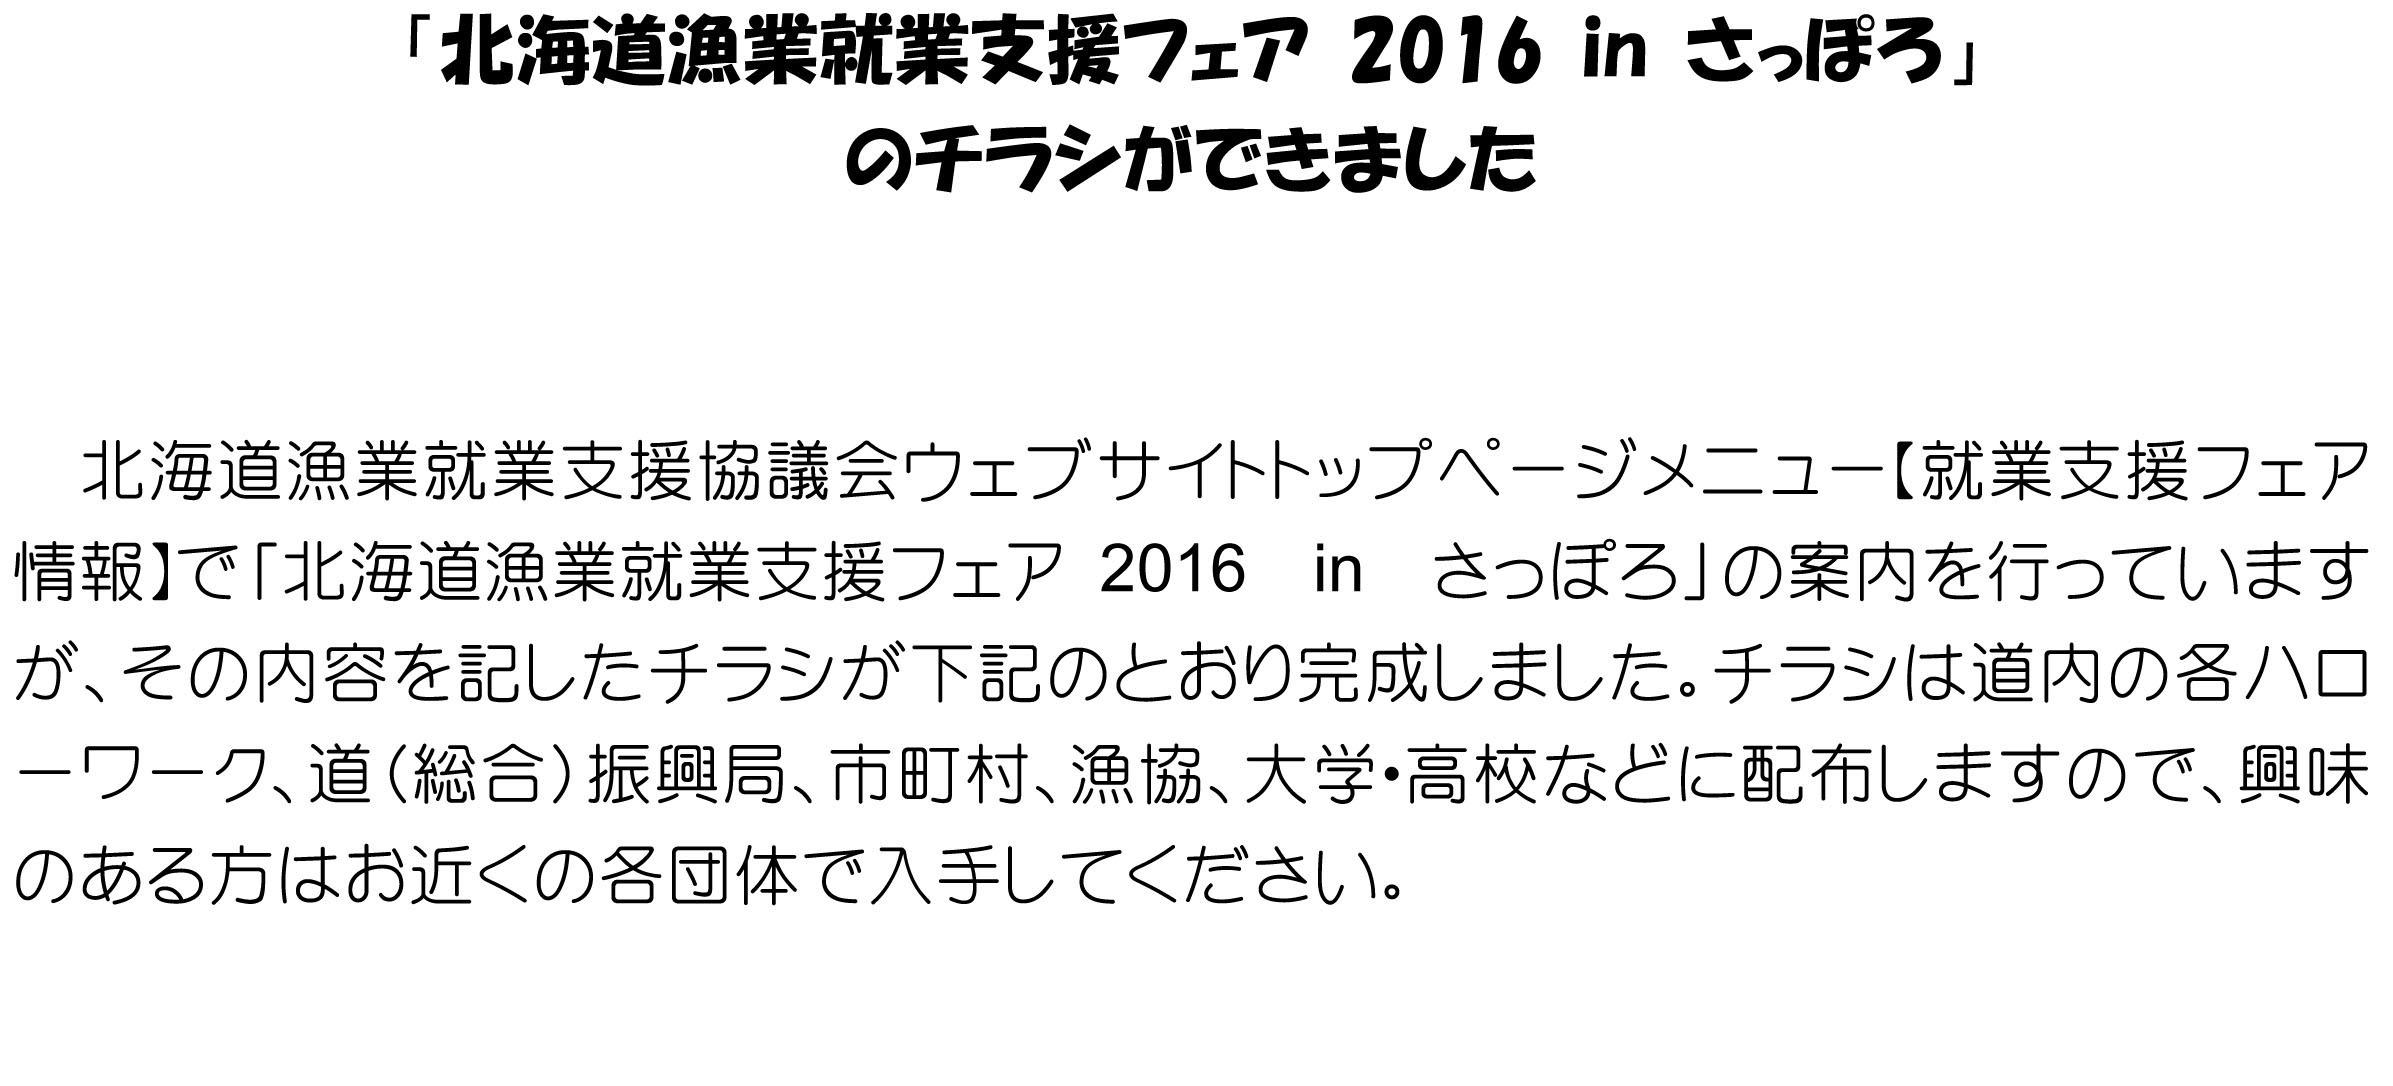 H27HP原稿(札幌2チラシ完成)-1